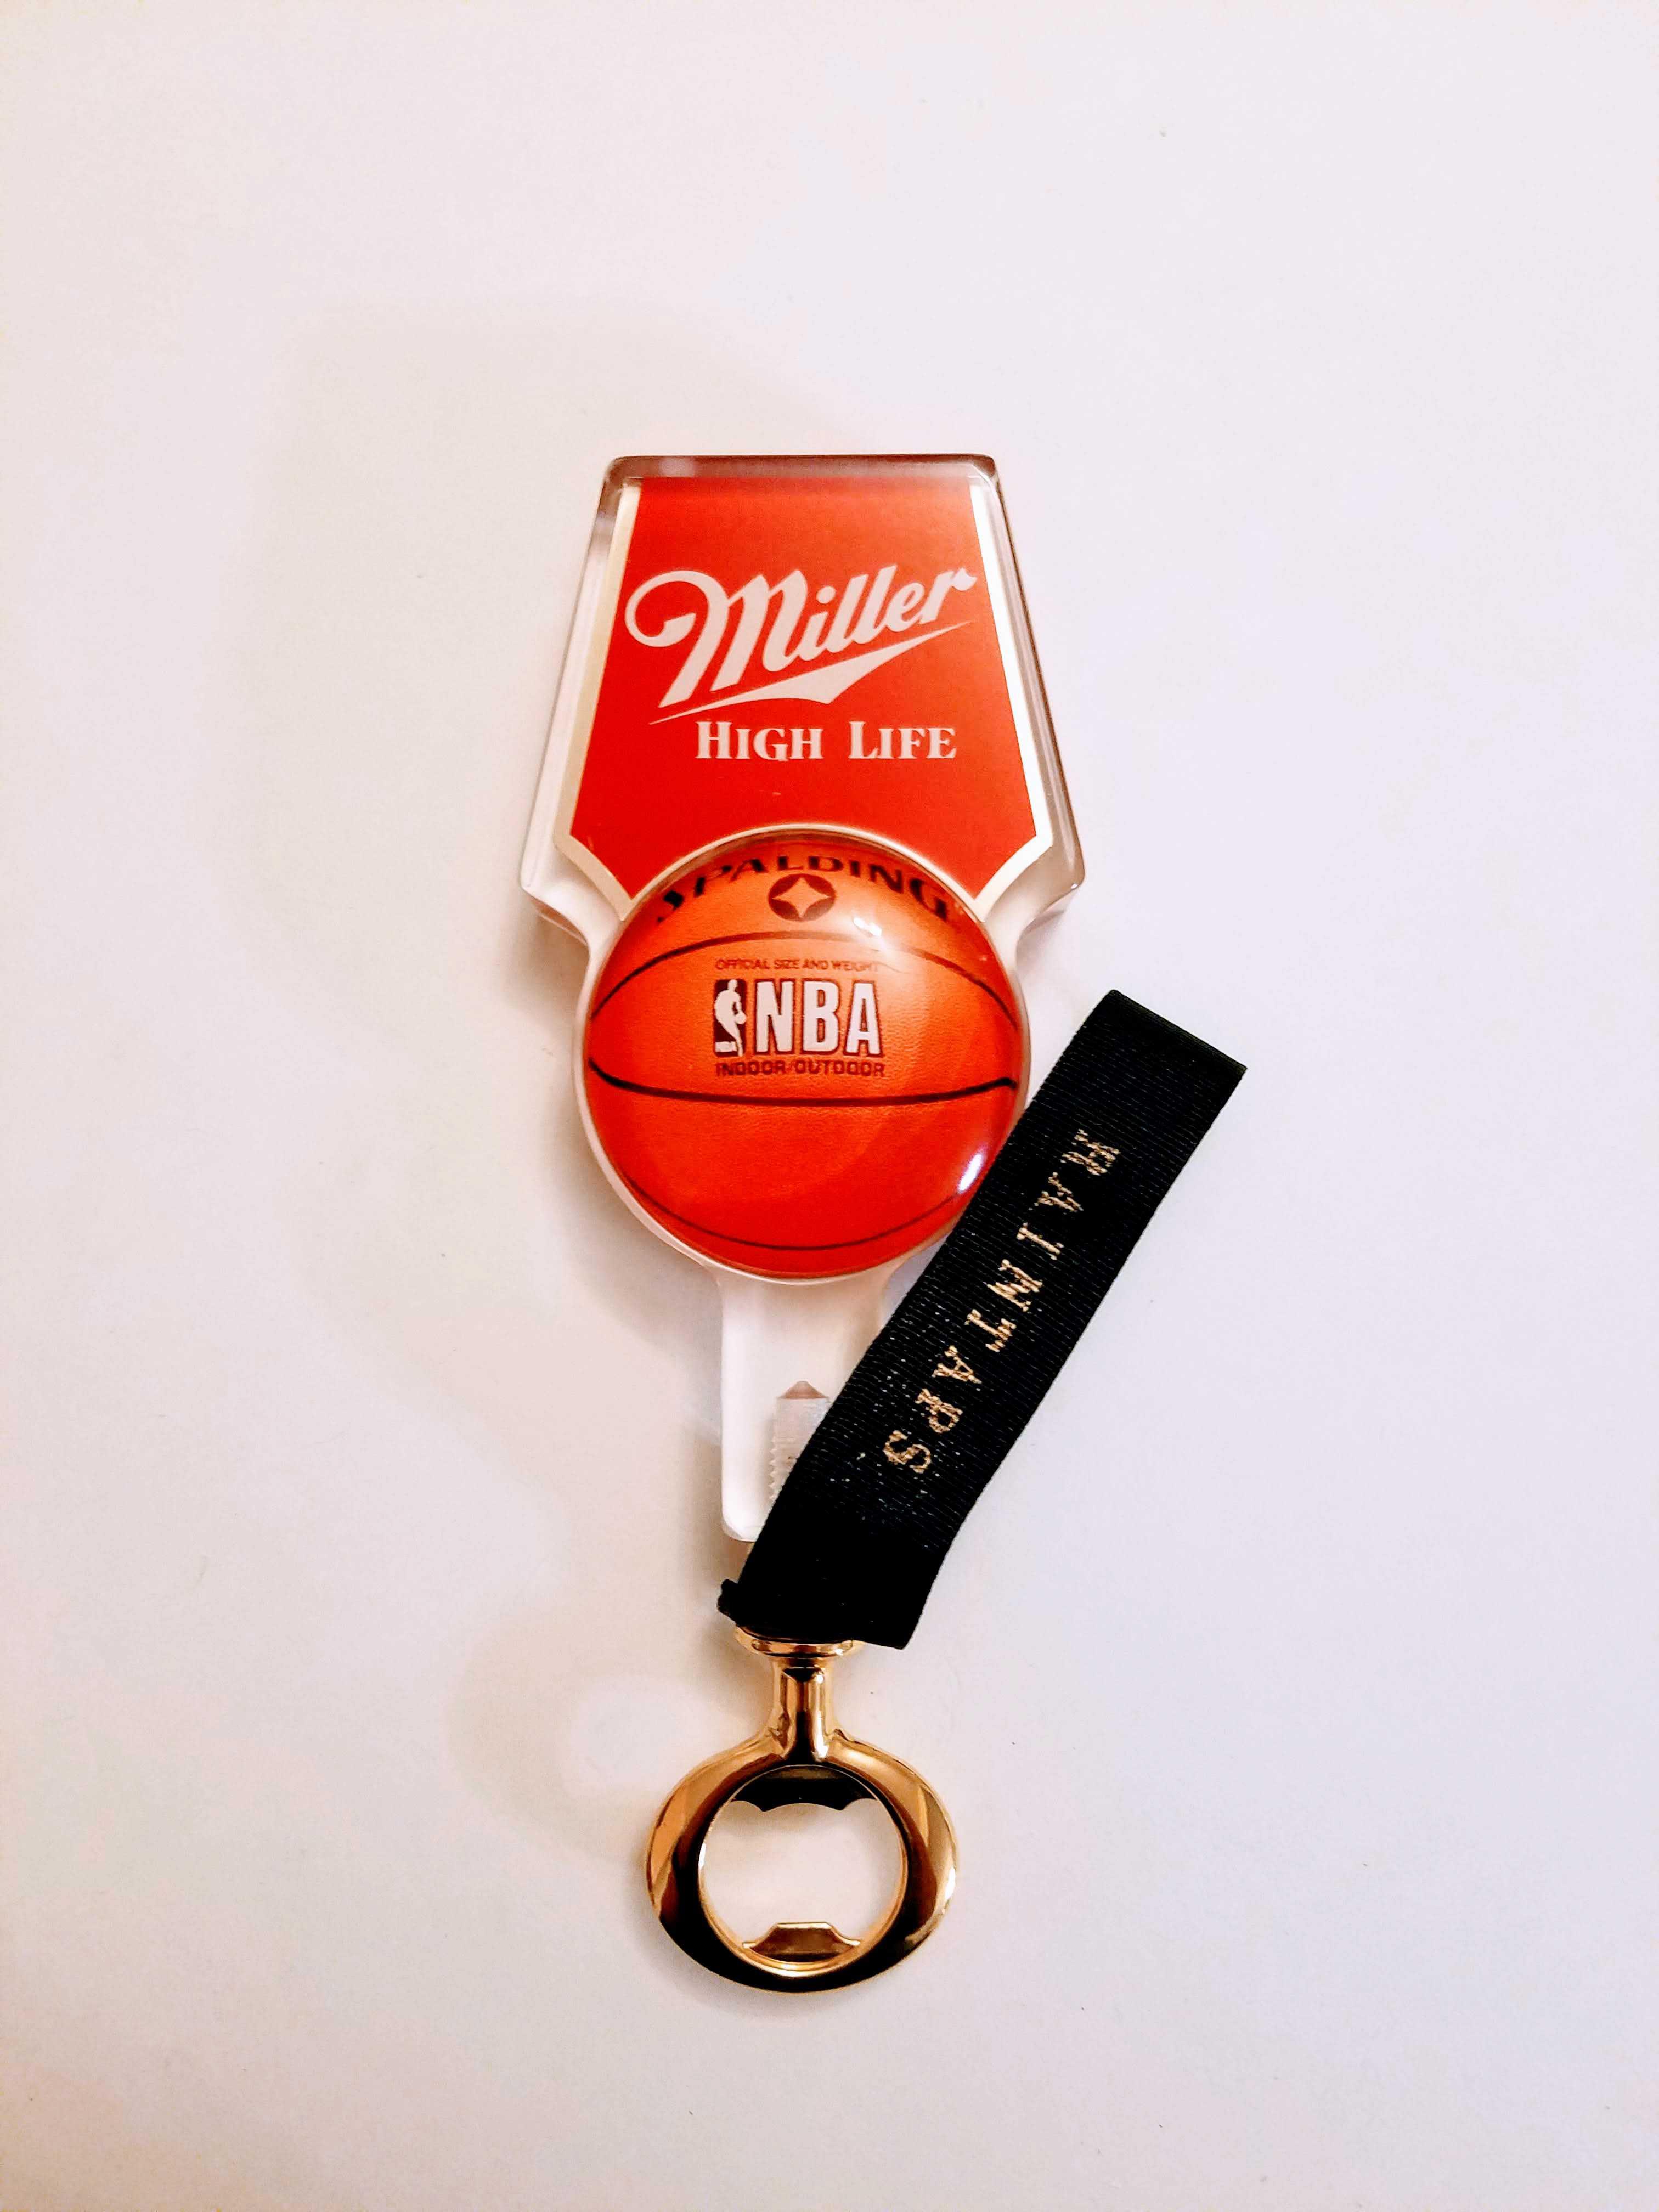 c87ba30a9daec Vintage Miller High Life tap handle bottle opener NBA Spaulding version